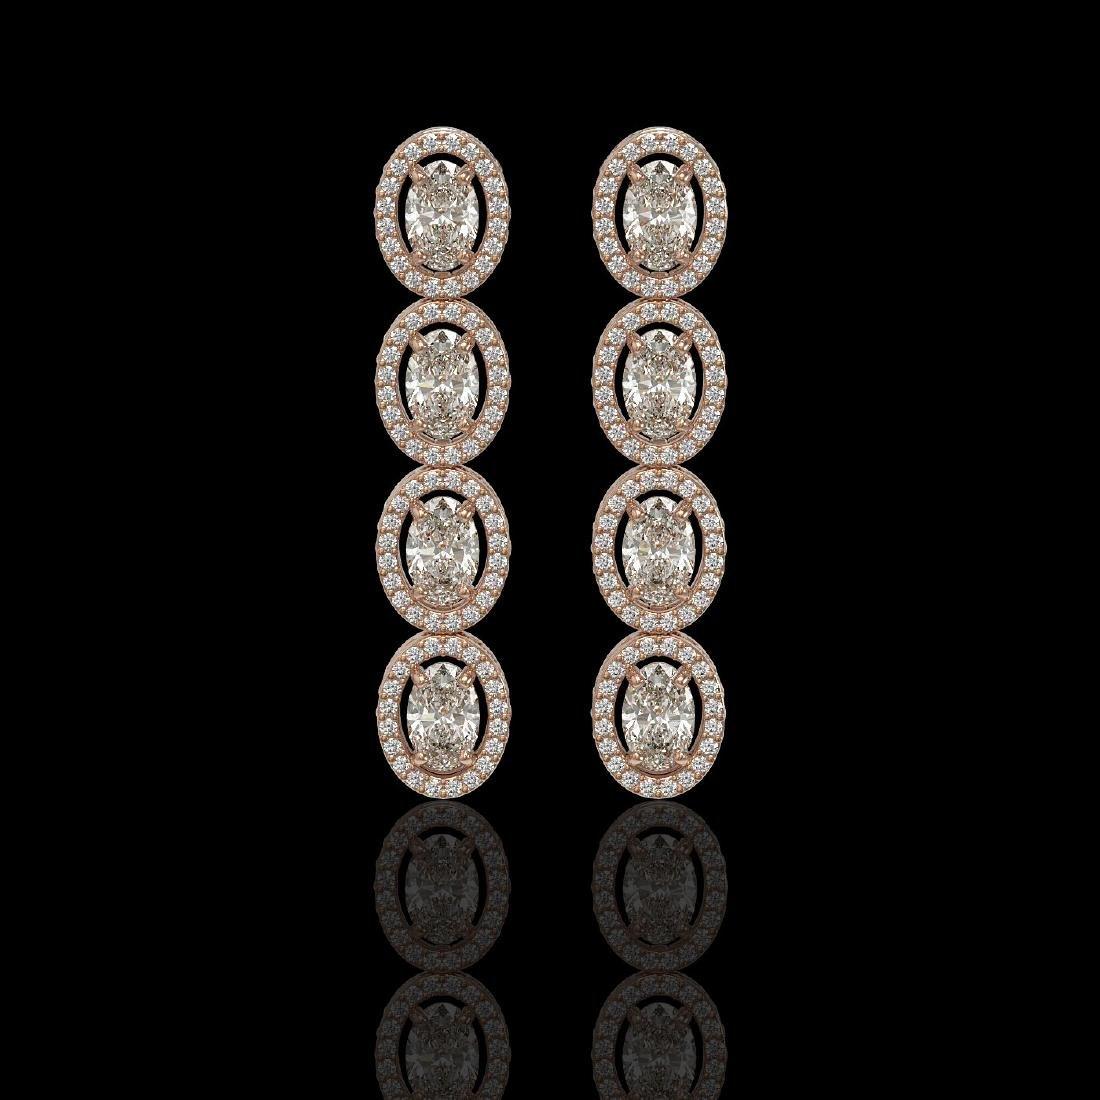 5.33 CTW Oval Diamond Designer Earrings 18K Rose Gold